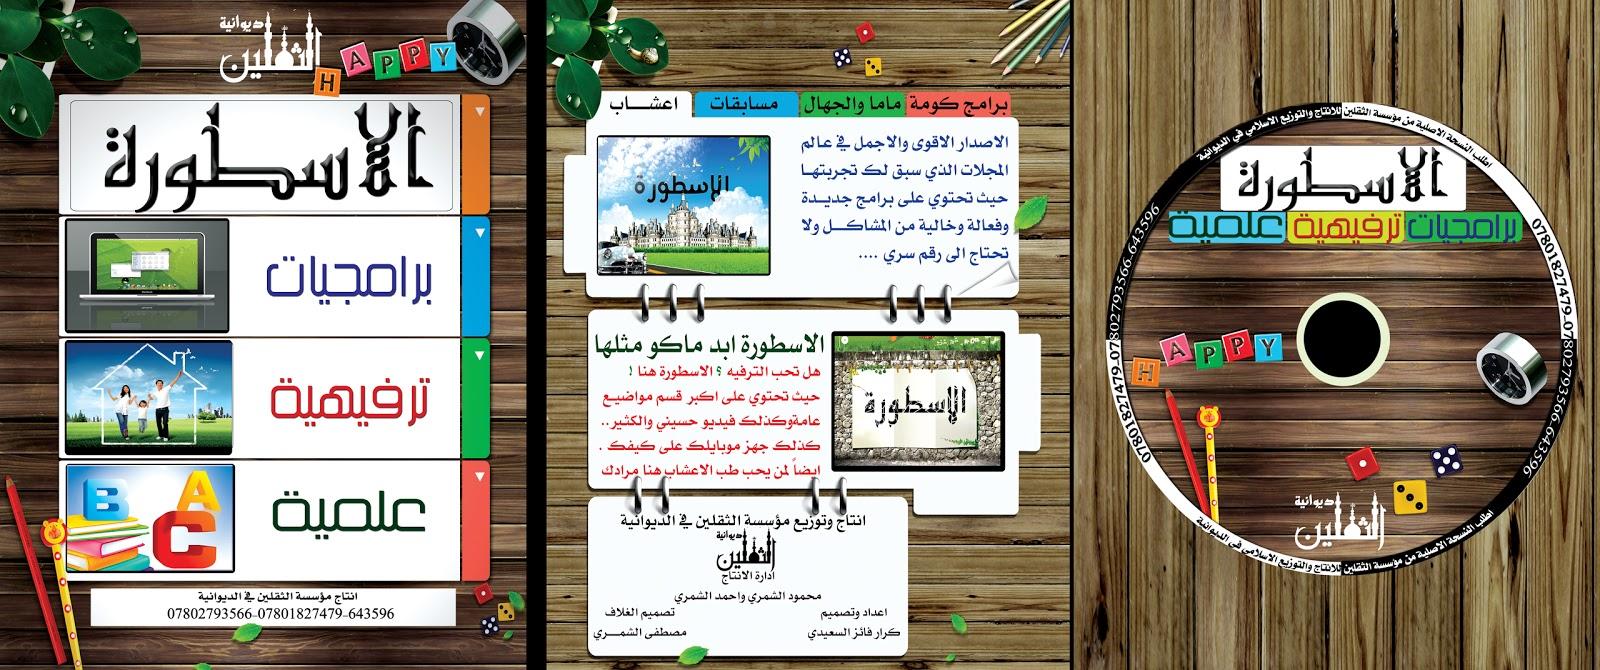 مجلة الاسطورة التفاعلية 2011